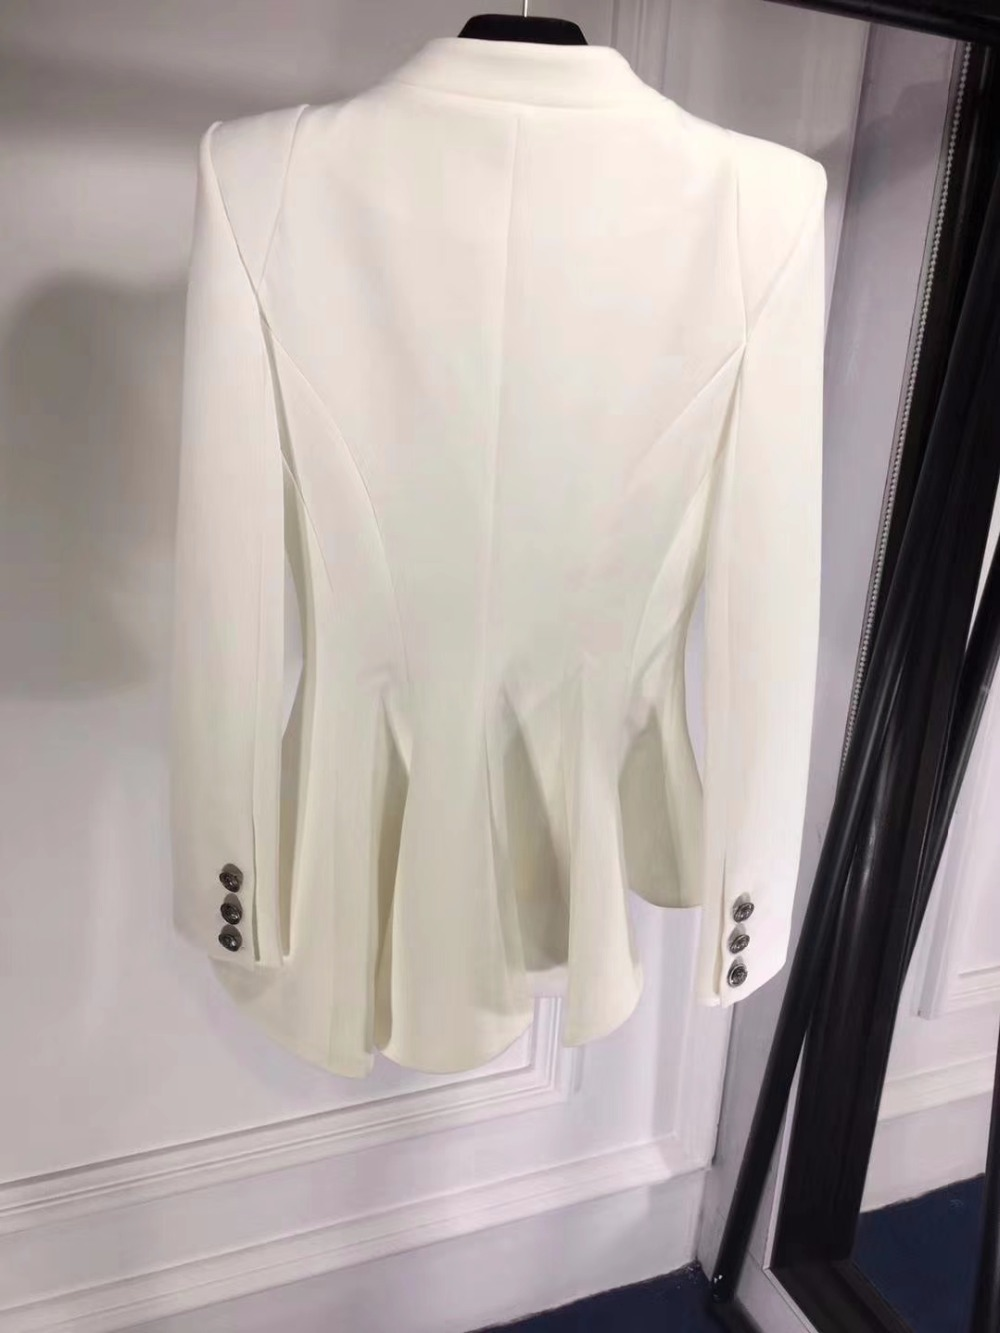 Chaqueta De Unique Mujer Femmes Élégant Mode Slim Para Balayage Chaquetas white Abrigo Costume Blazer Black Feminino Vague Blanc 2018 xHFn0w5q5